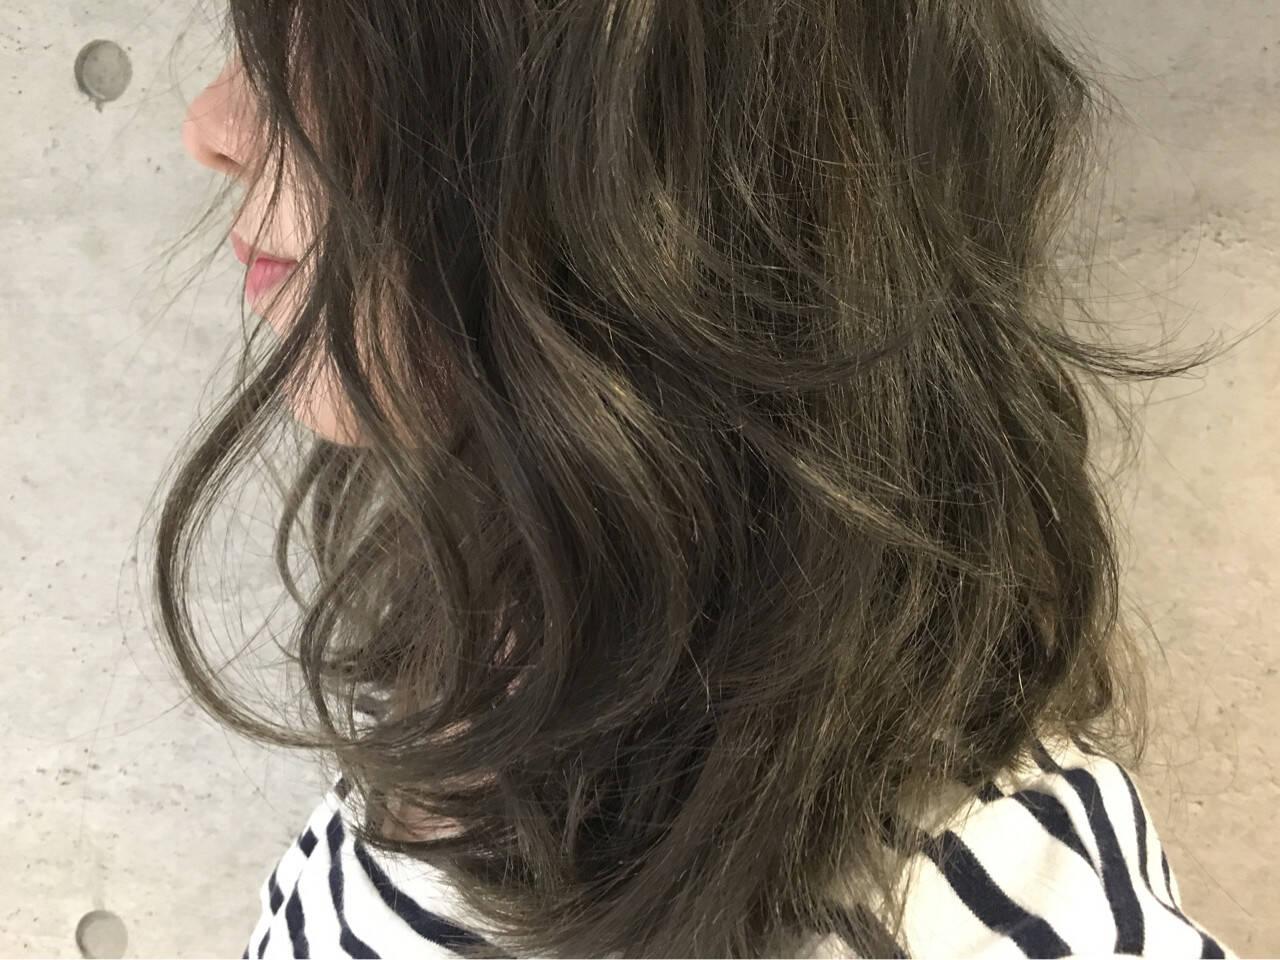 グラデーションカラー 簡単ヘアアレンジ ミディアム アッシュヘアスタイルや髪型の写真・画像